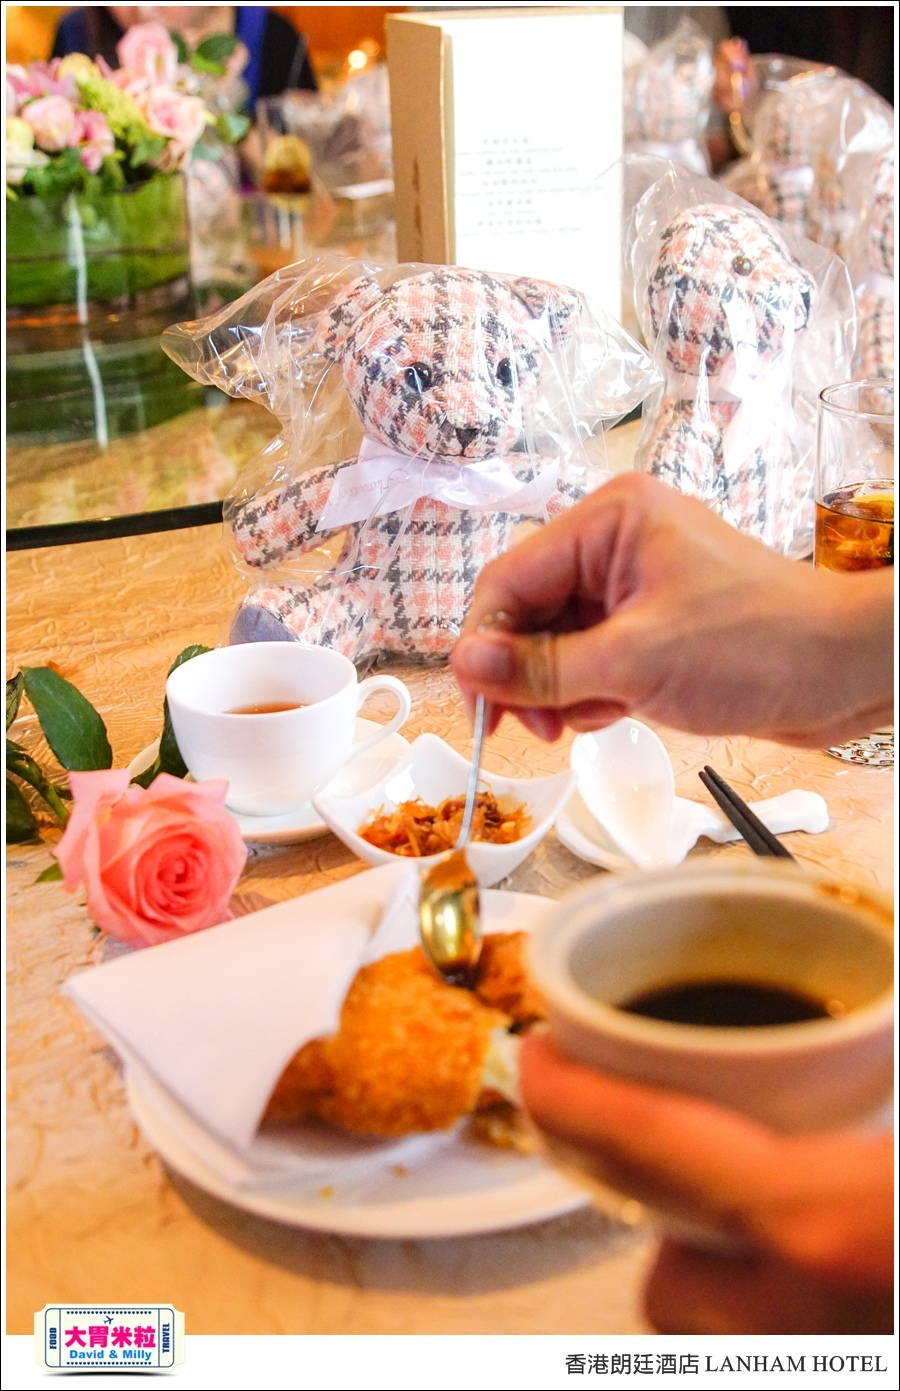 香港米其林美食推薦@香港朗廷酒店-唐閣粵菜餐廳@大胃米粒00043.jpg